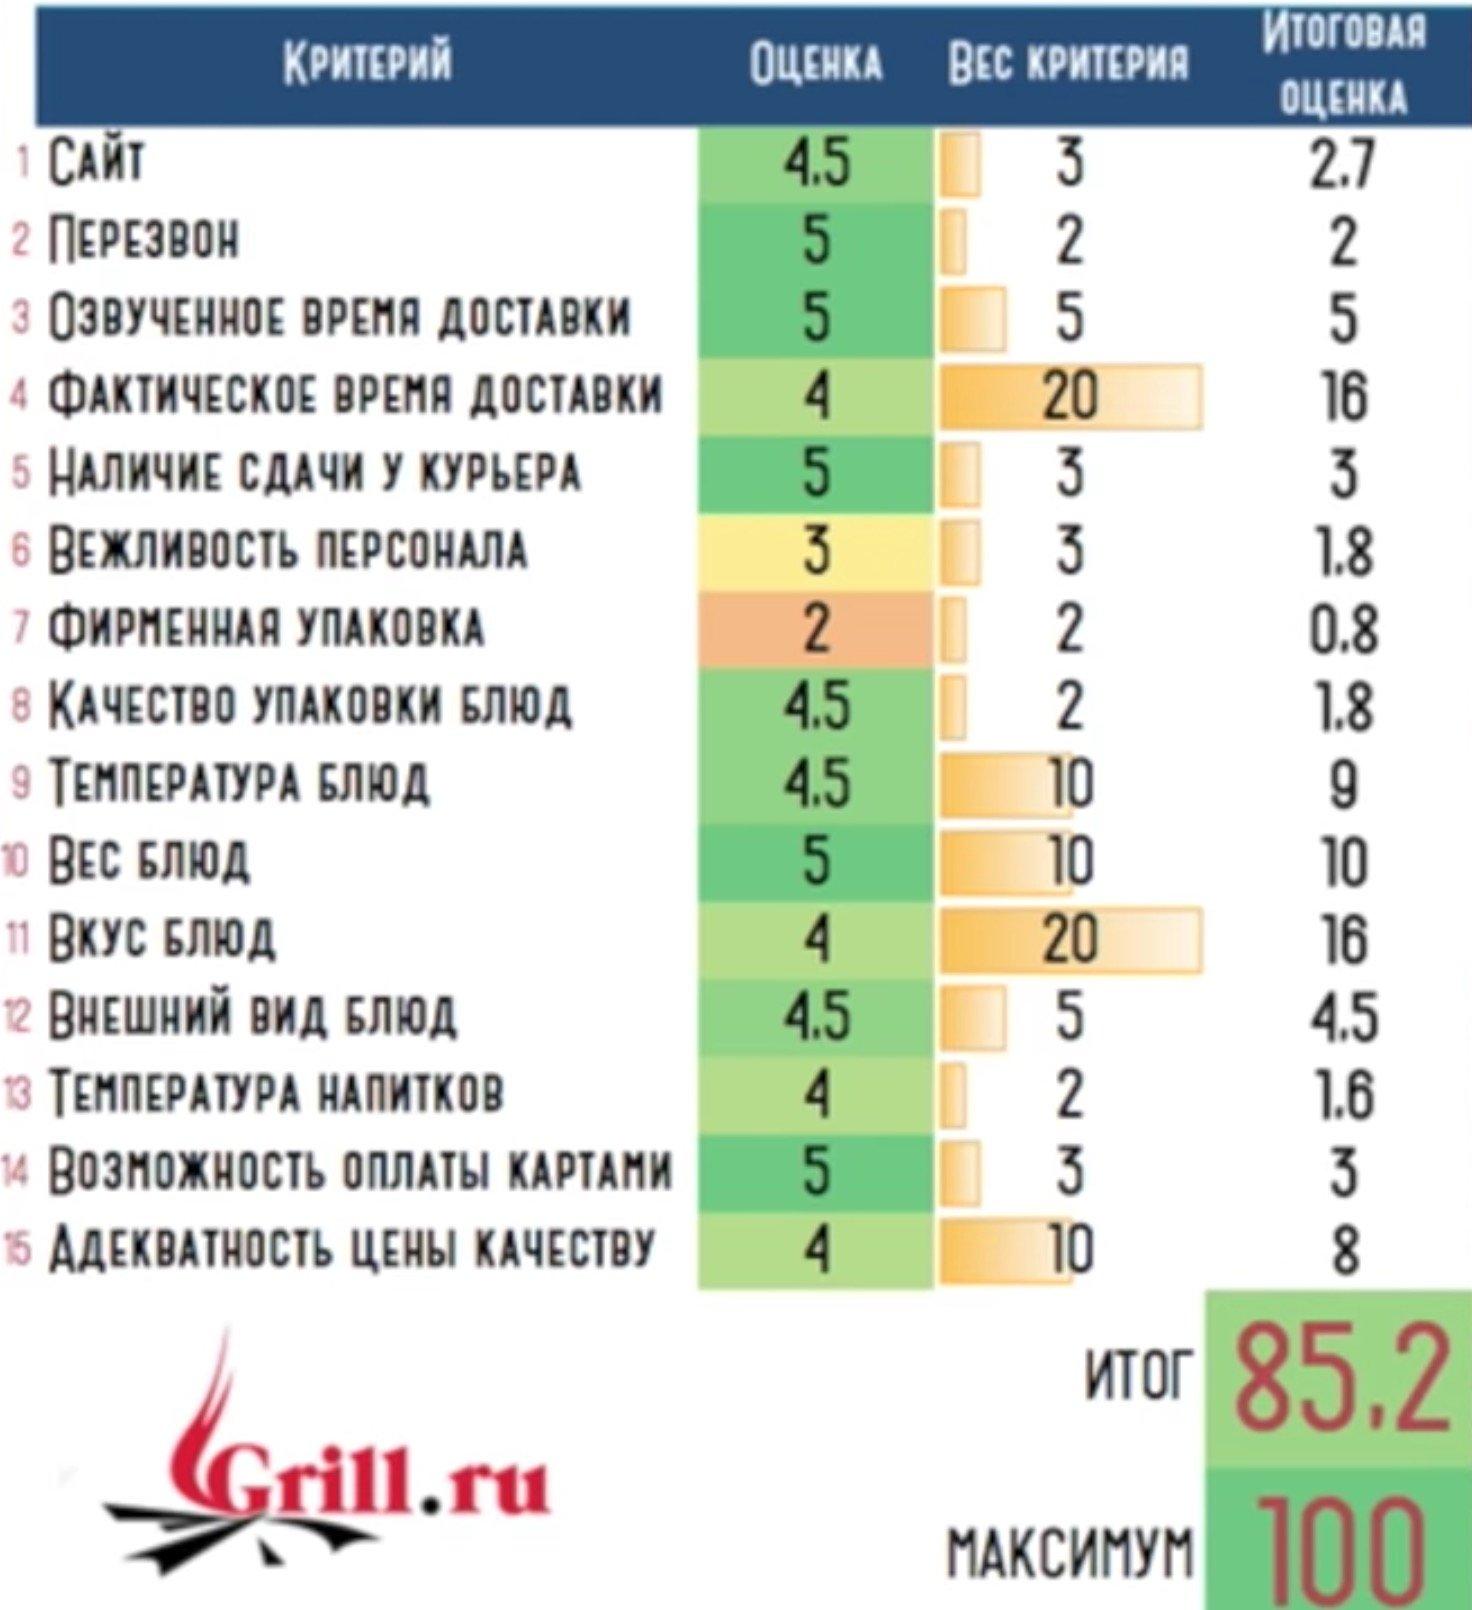 Оценки доставке Гриль ру от Покашеварим